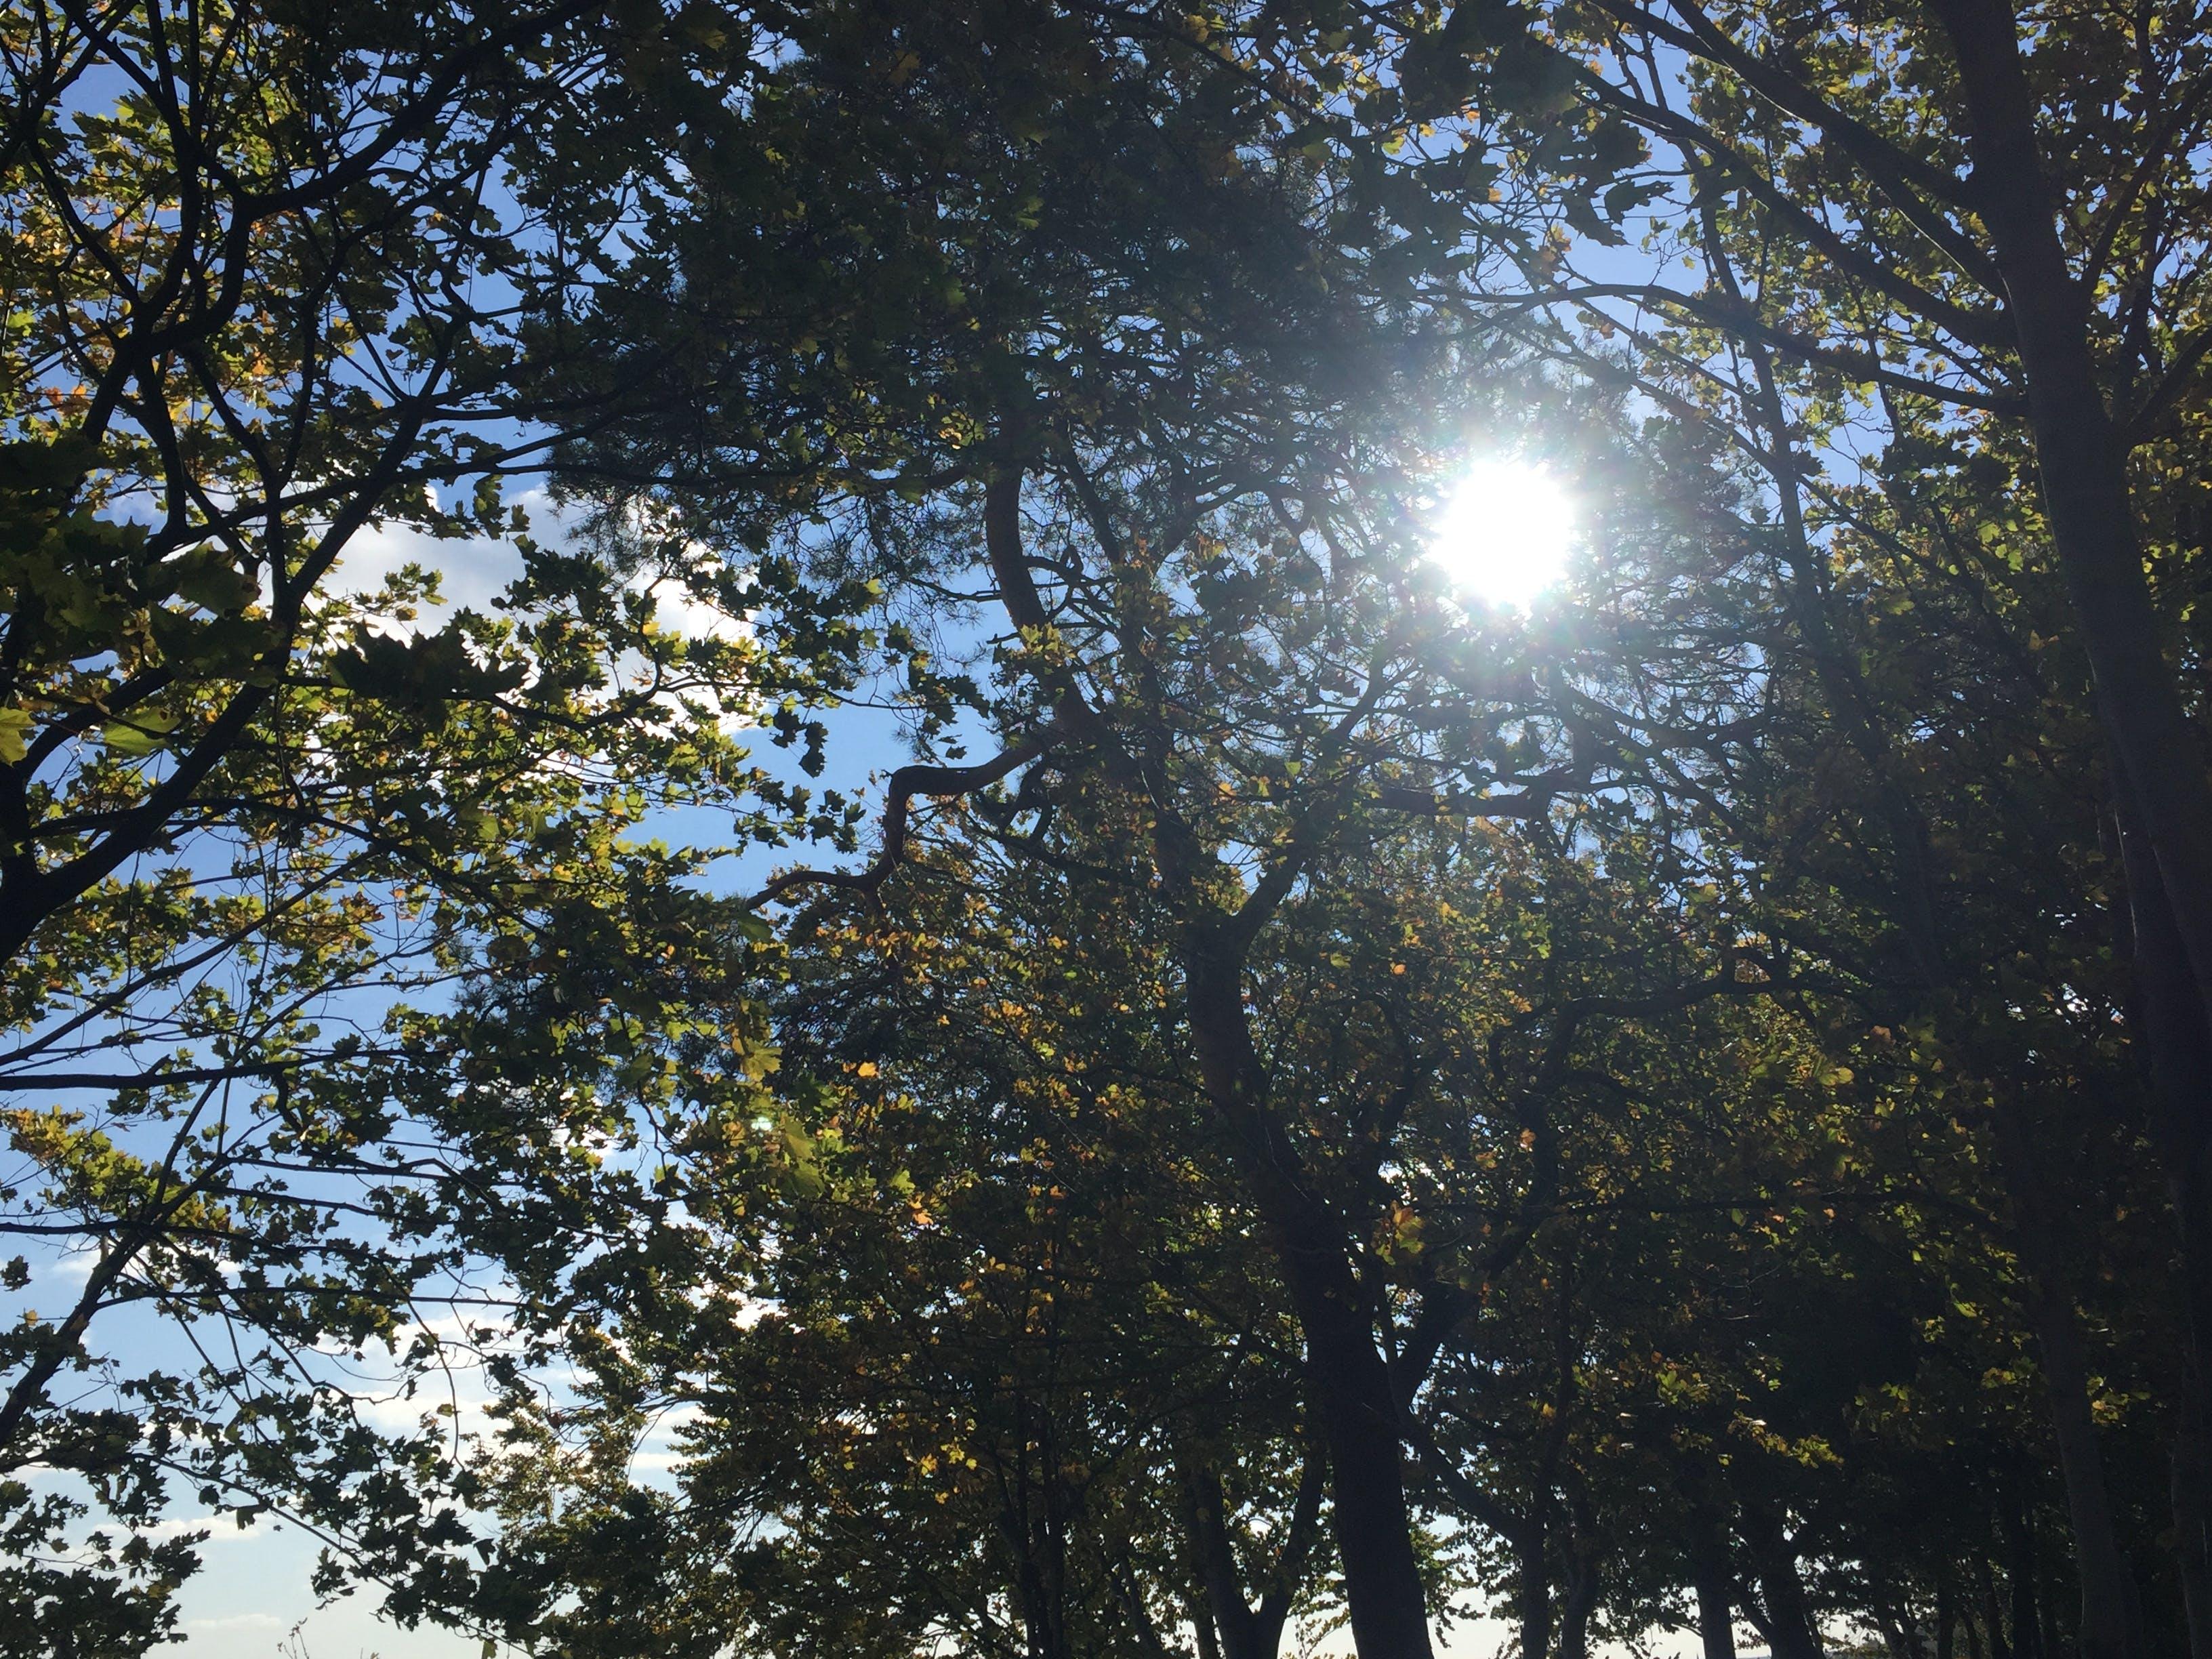 Kostenloses Stock Foto zu baum, himmel, lichtreflexionen, sonne